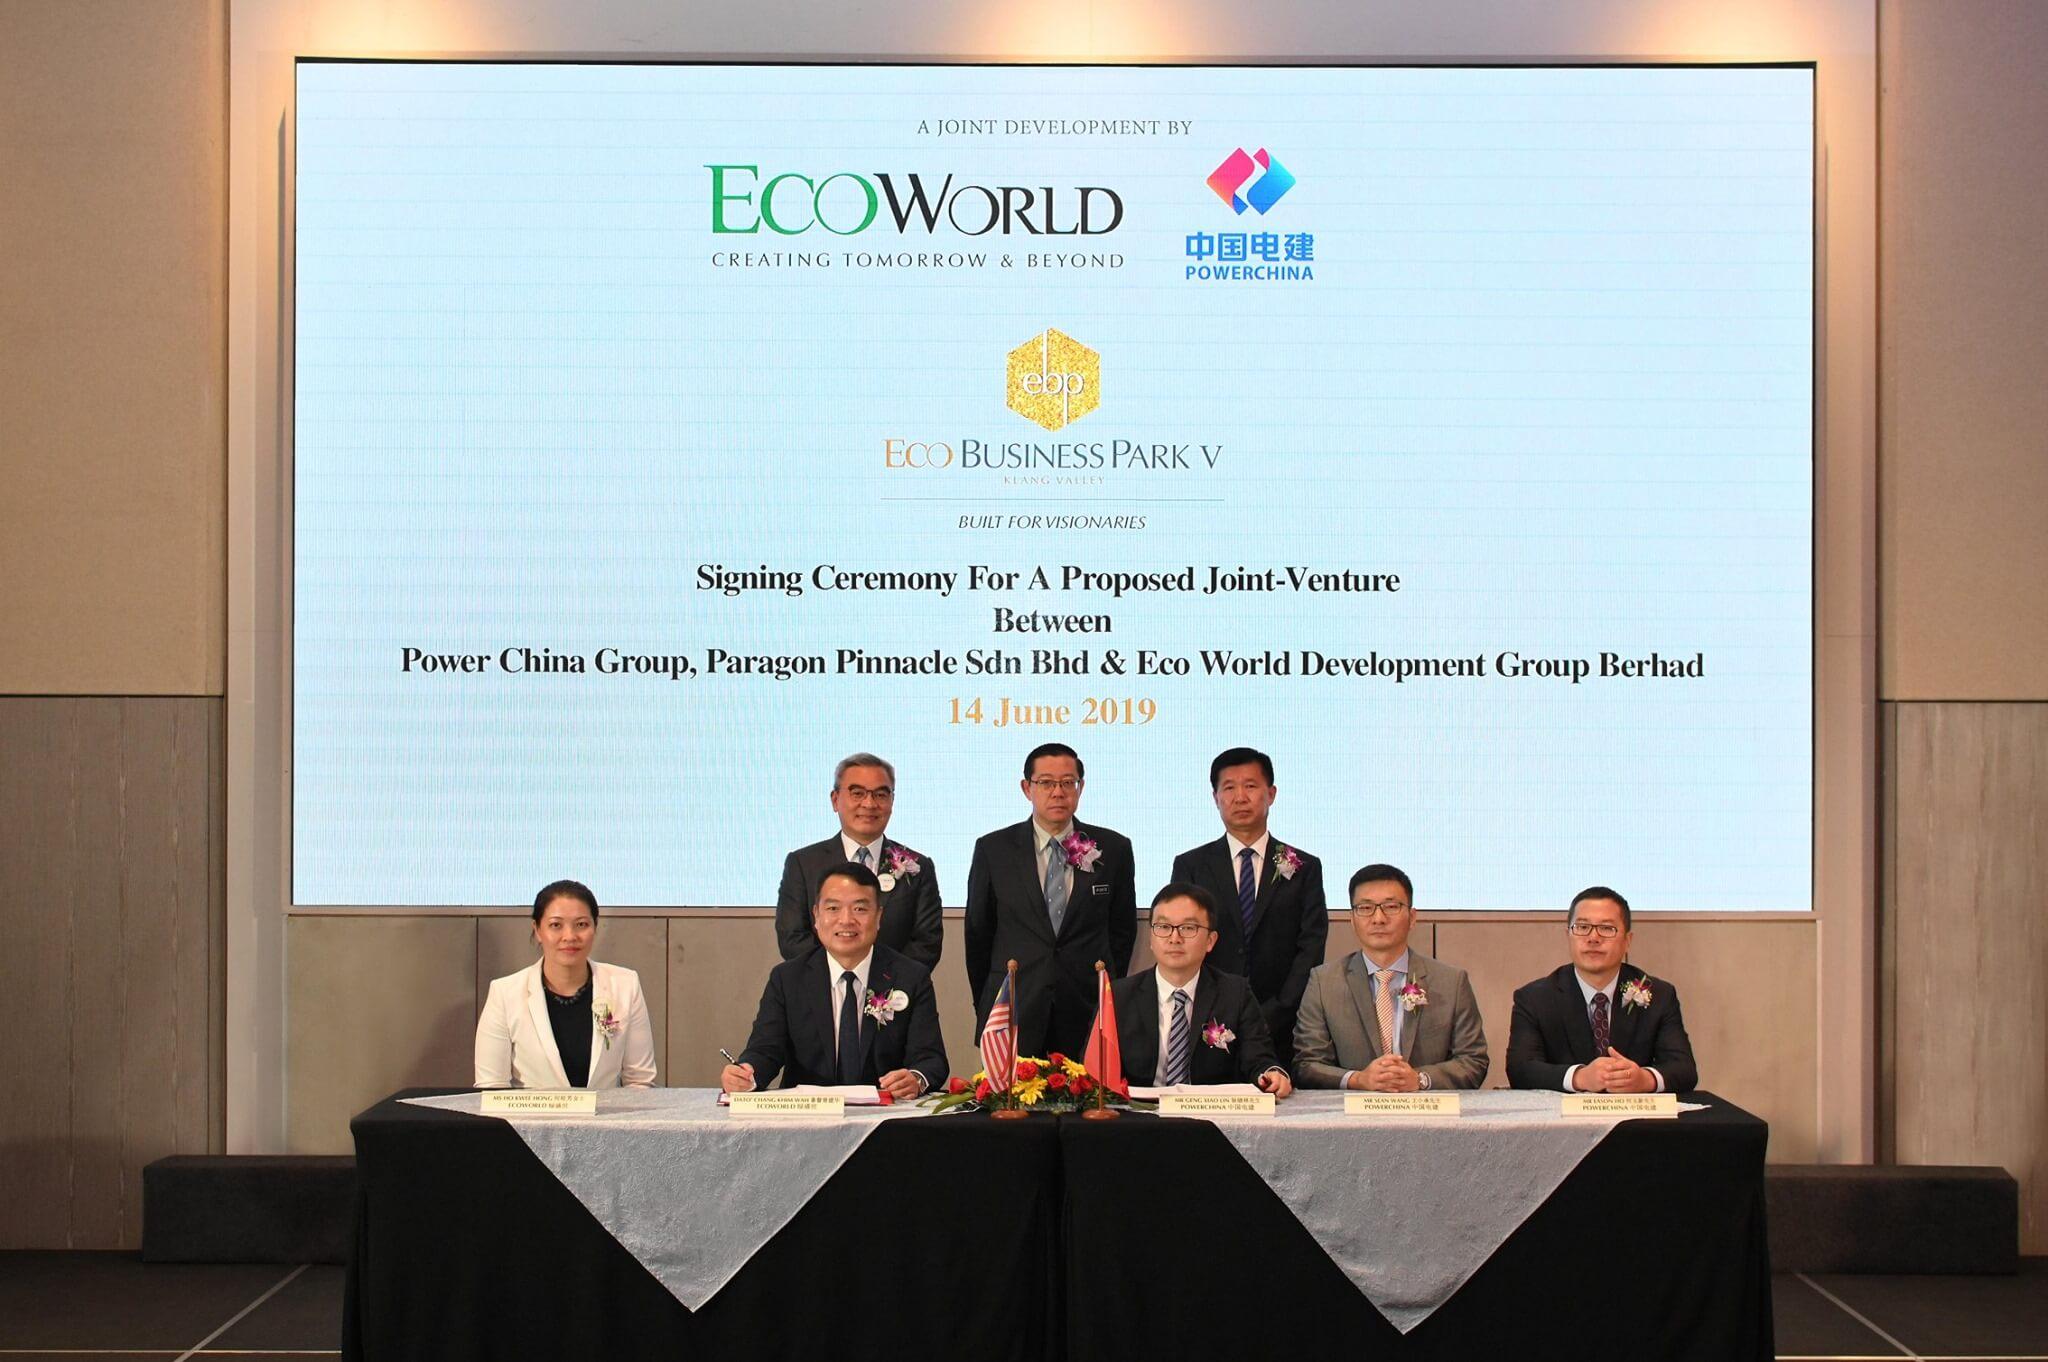 绿盛世马来西亚与中国电建集团签署历史性合作协议